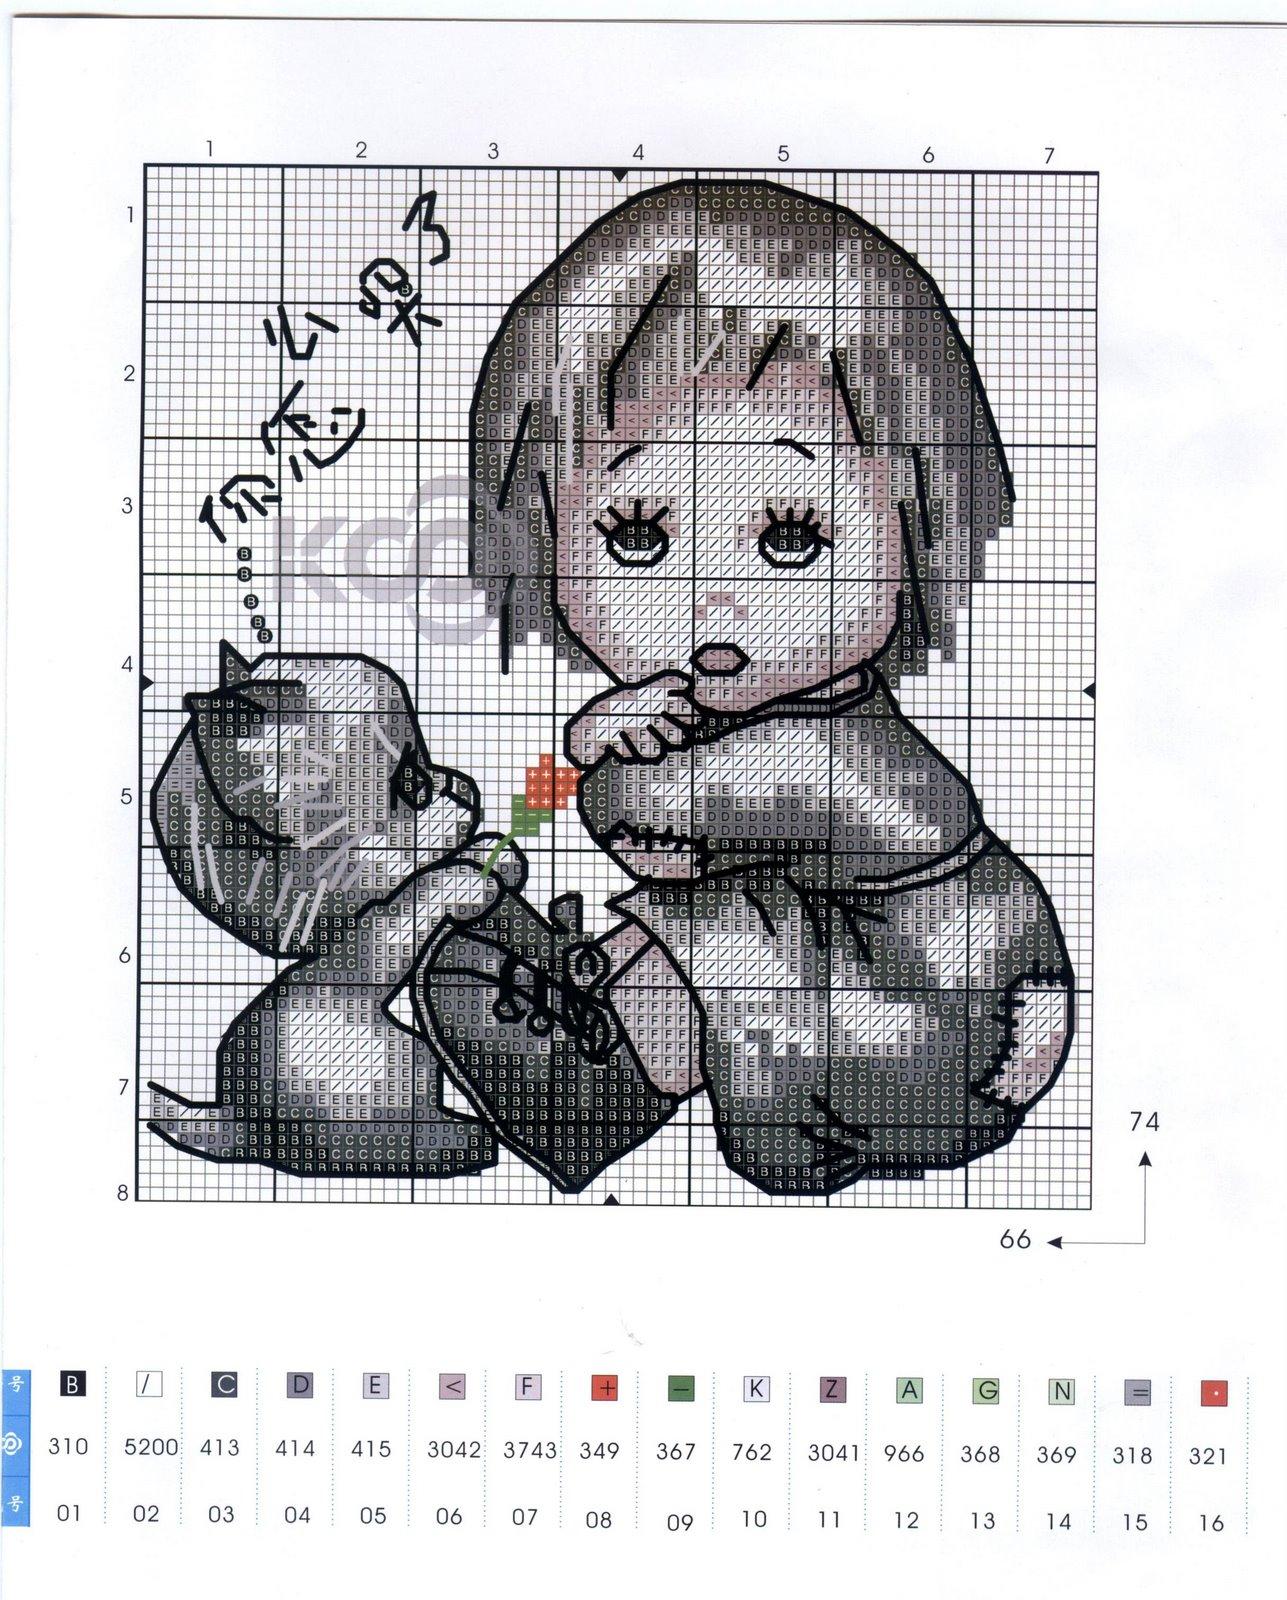 [22_1.jpg]